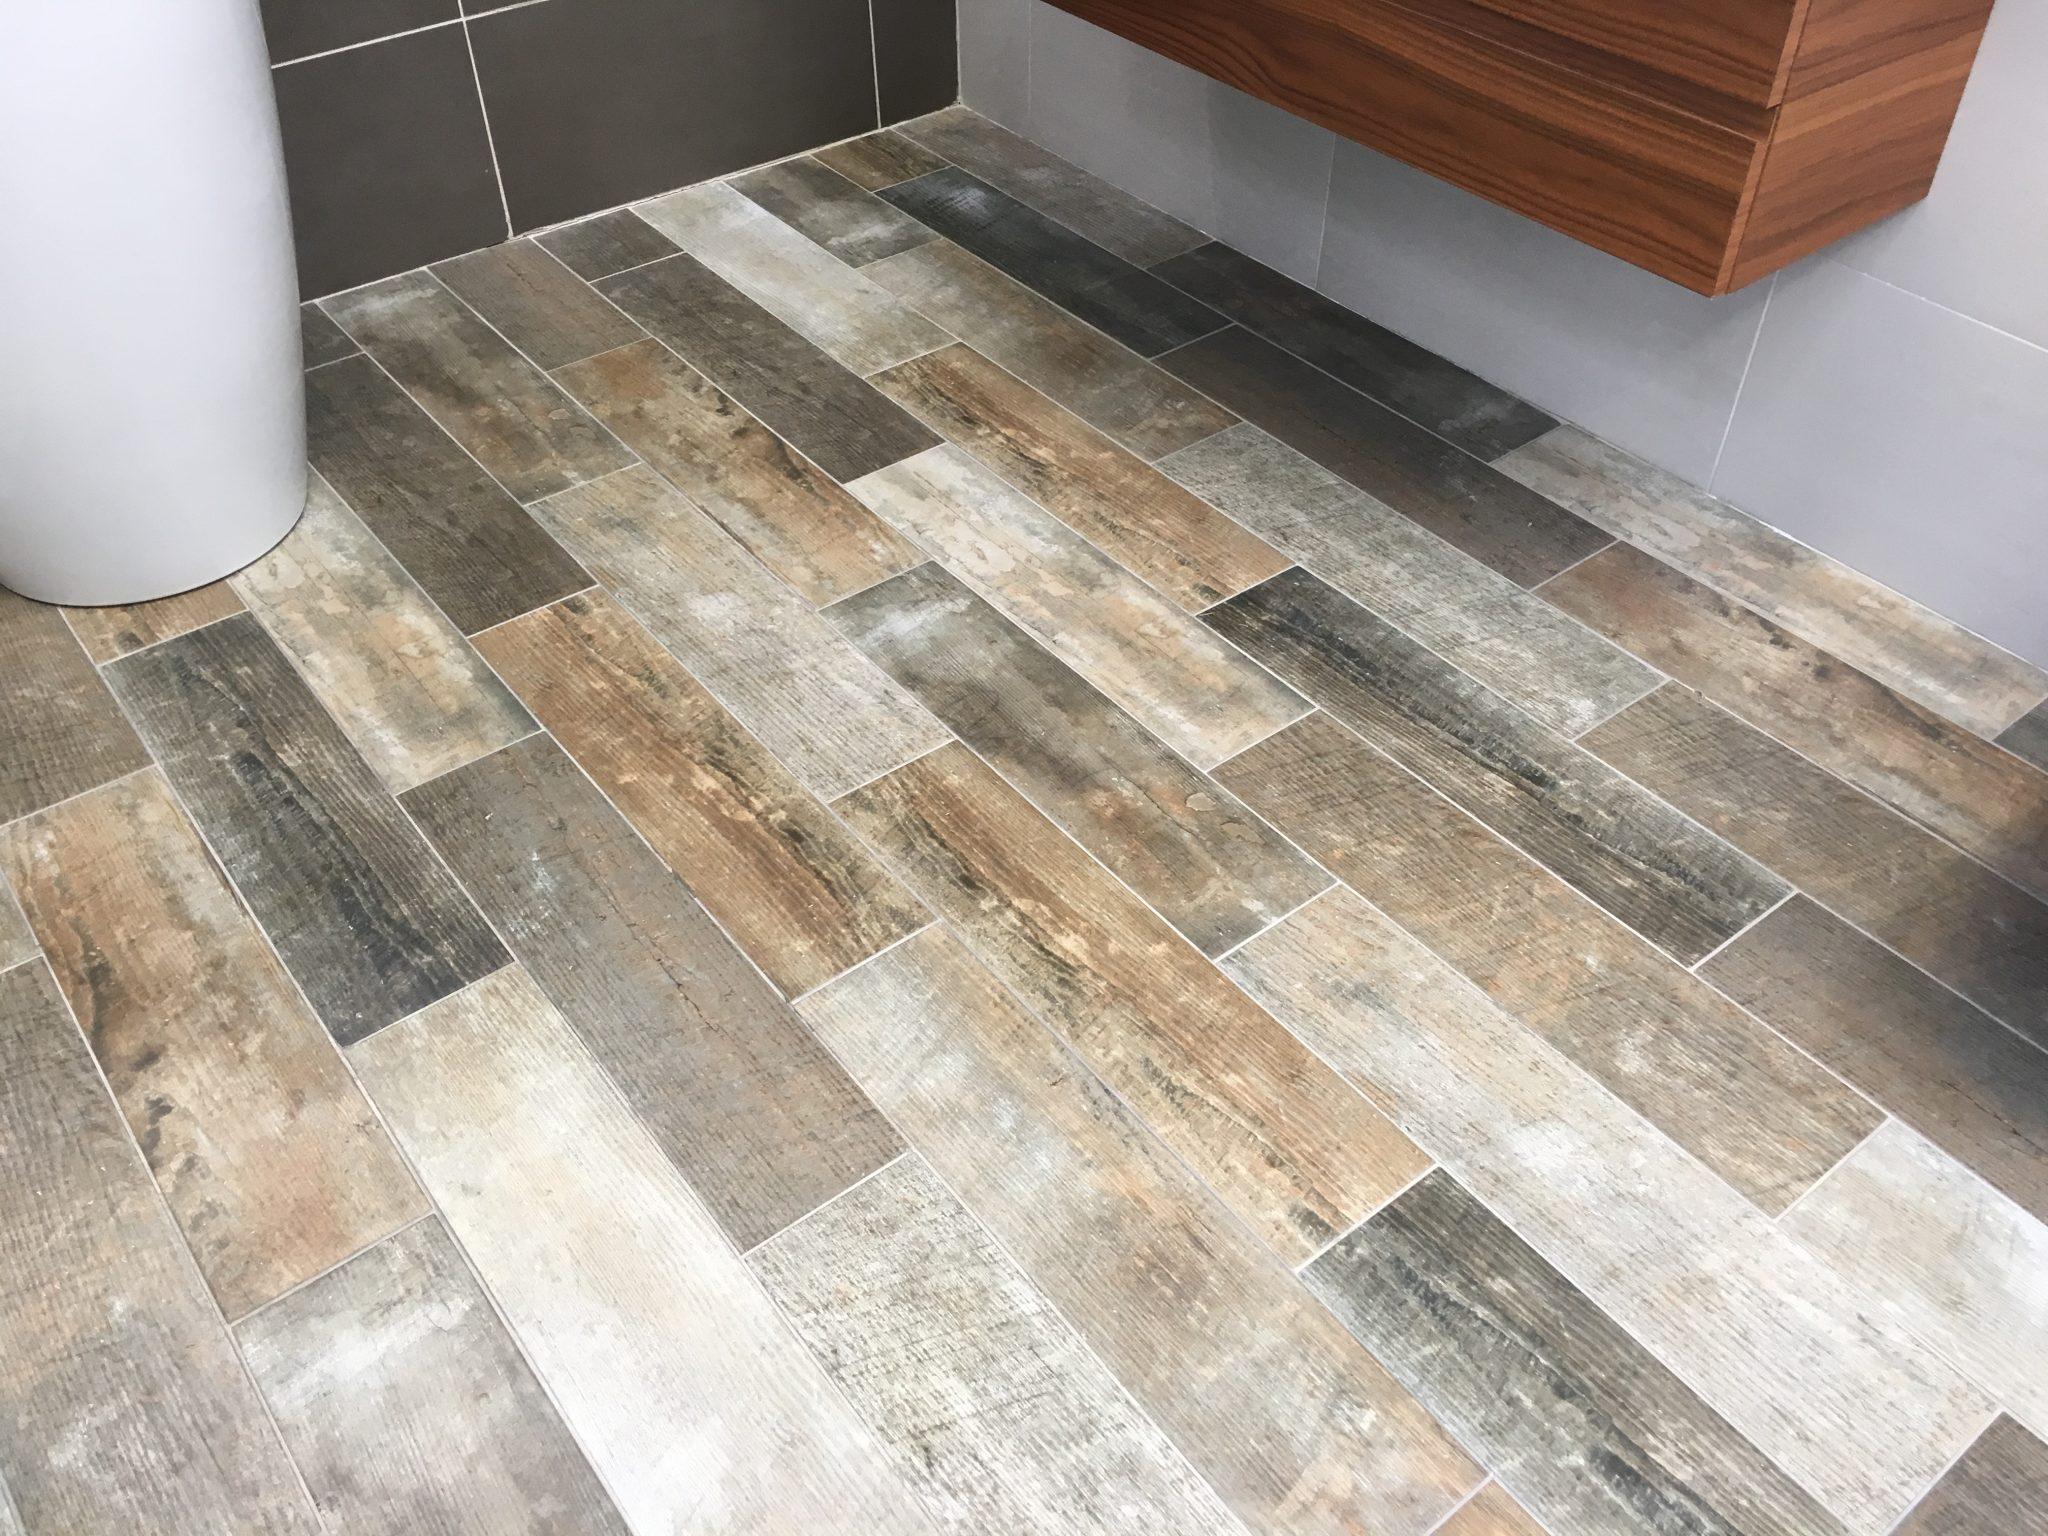 Swansea floor tiles